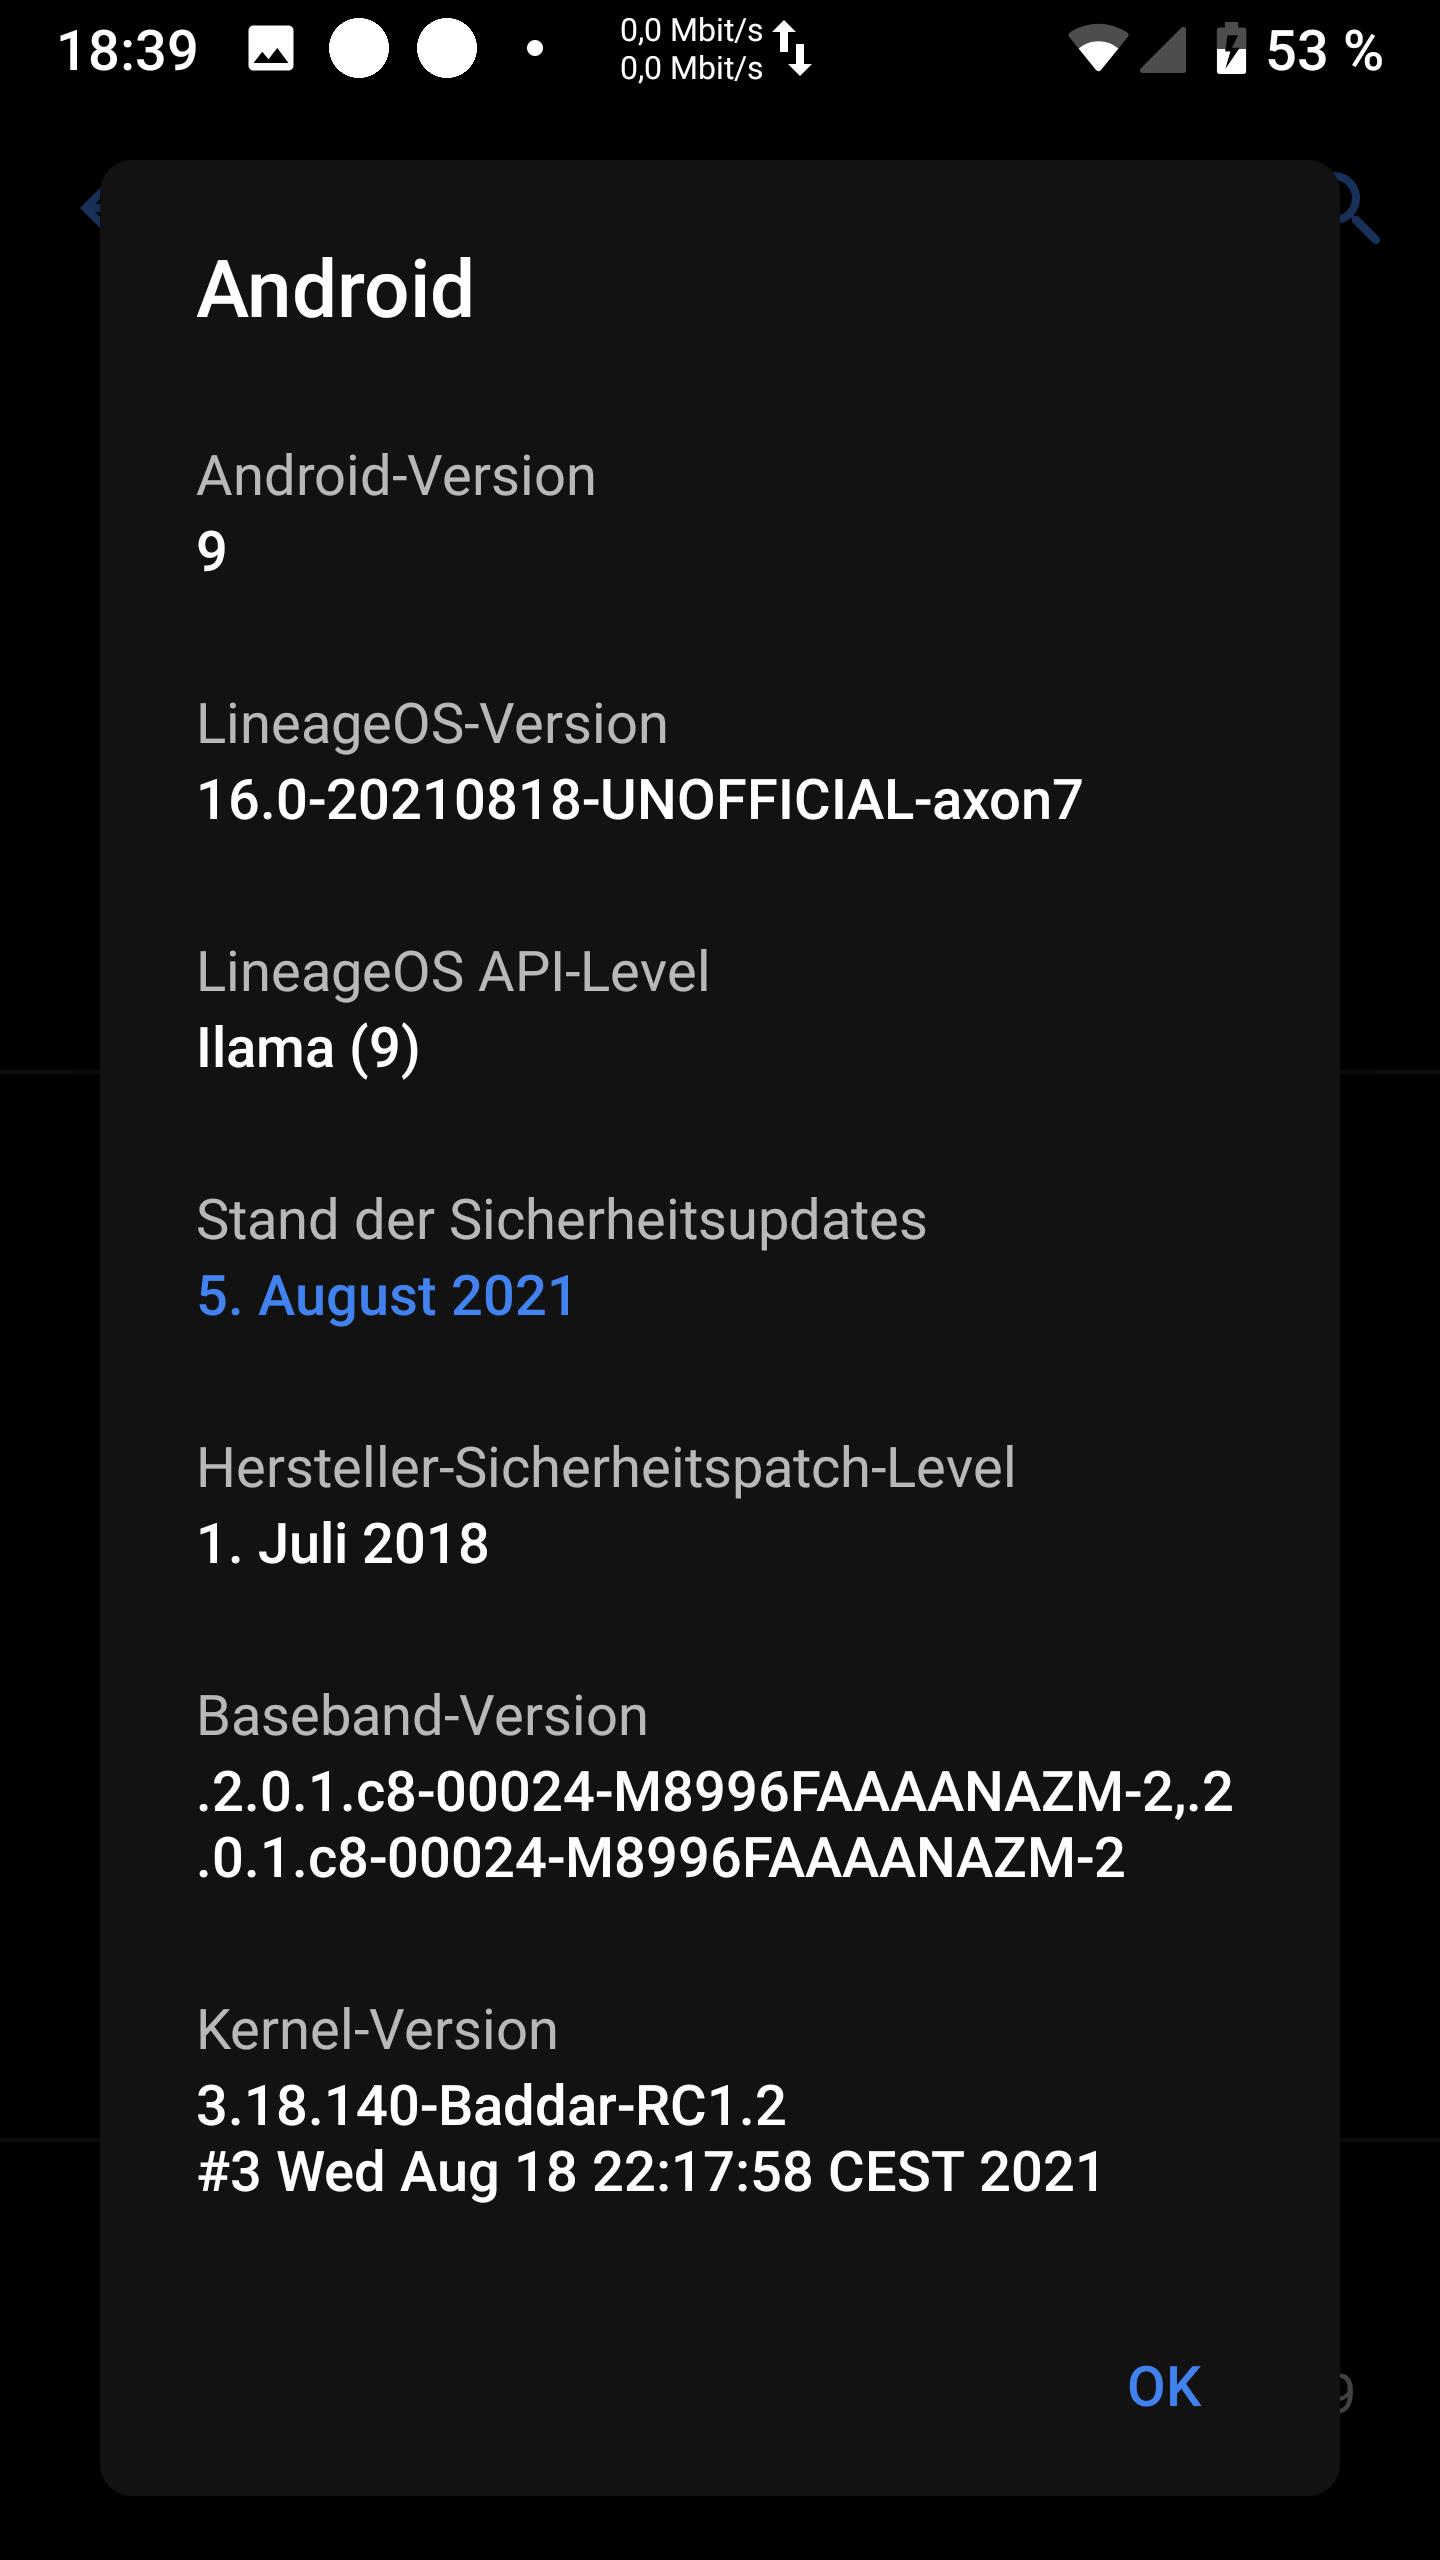 Screenshot_20210819-183917_Einstellungen.png